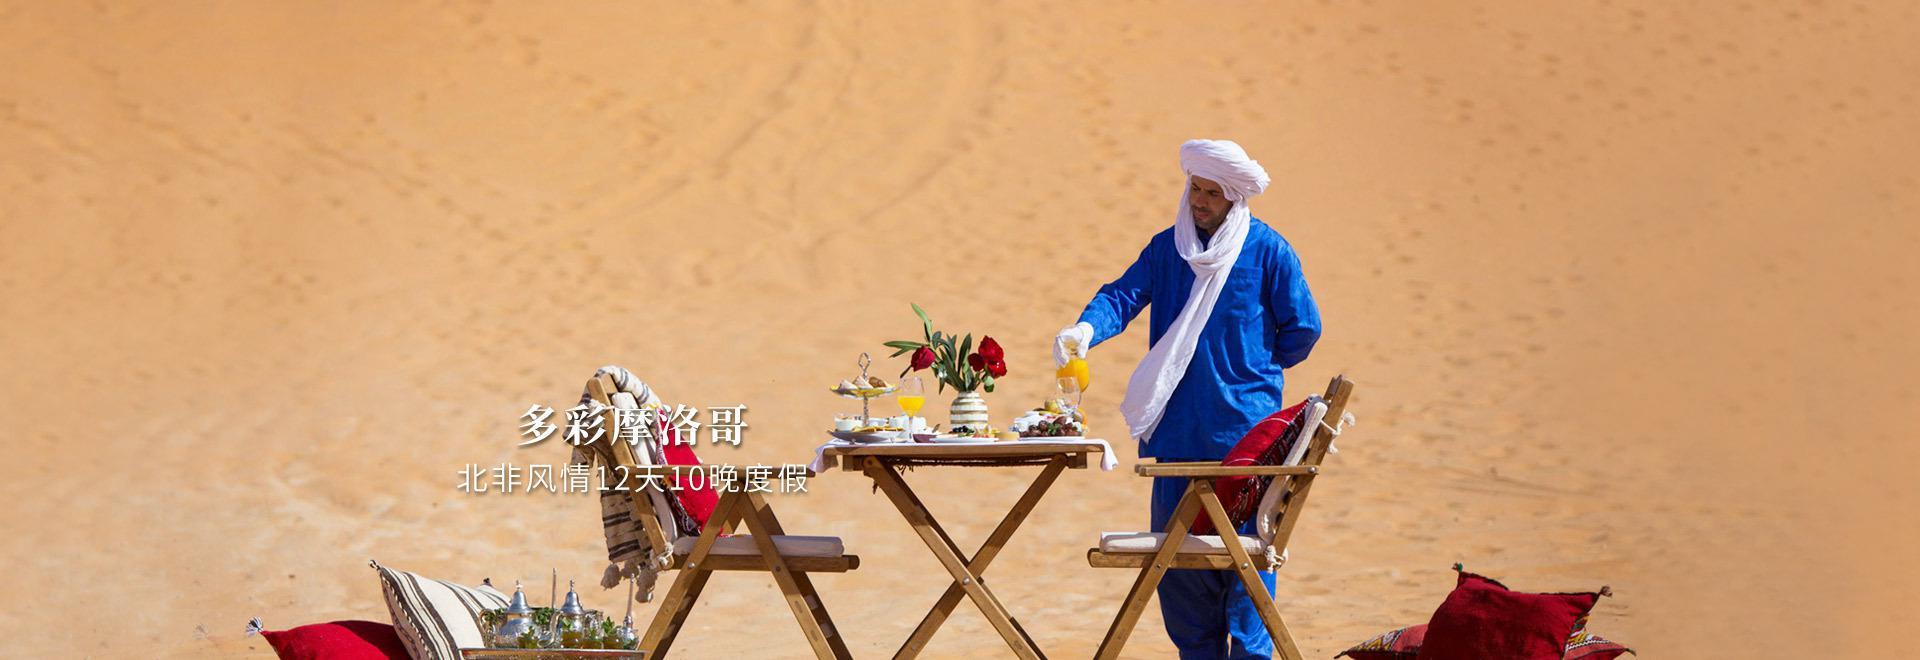 摩洛哥12日度假